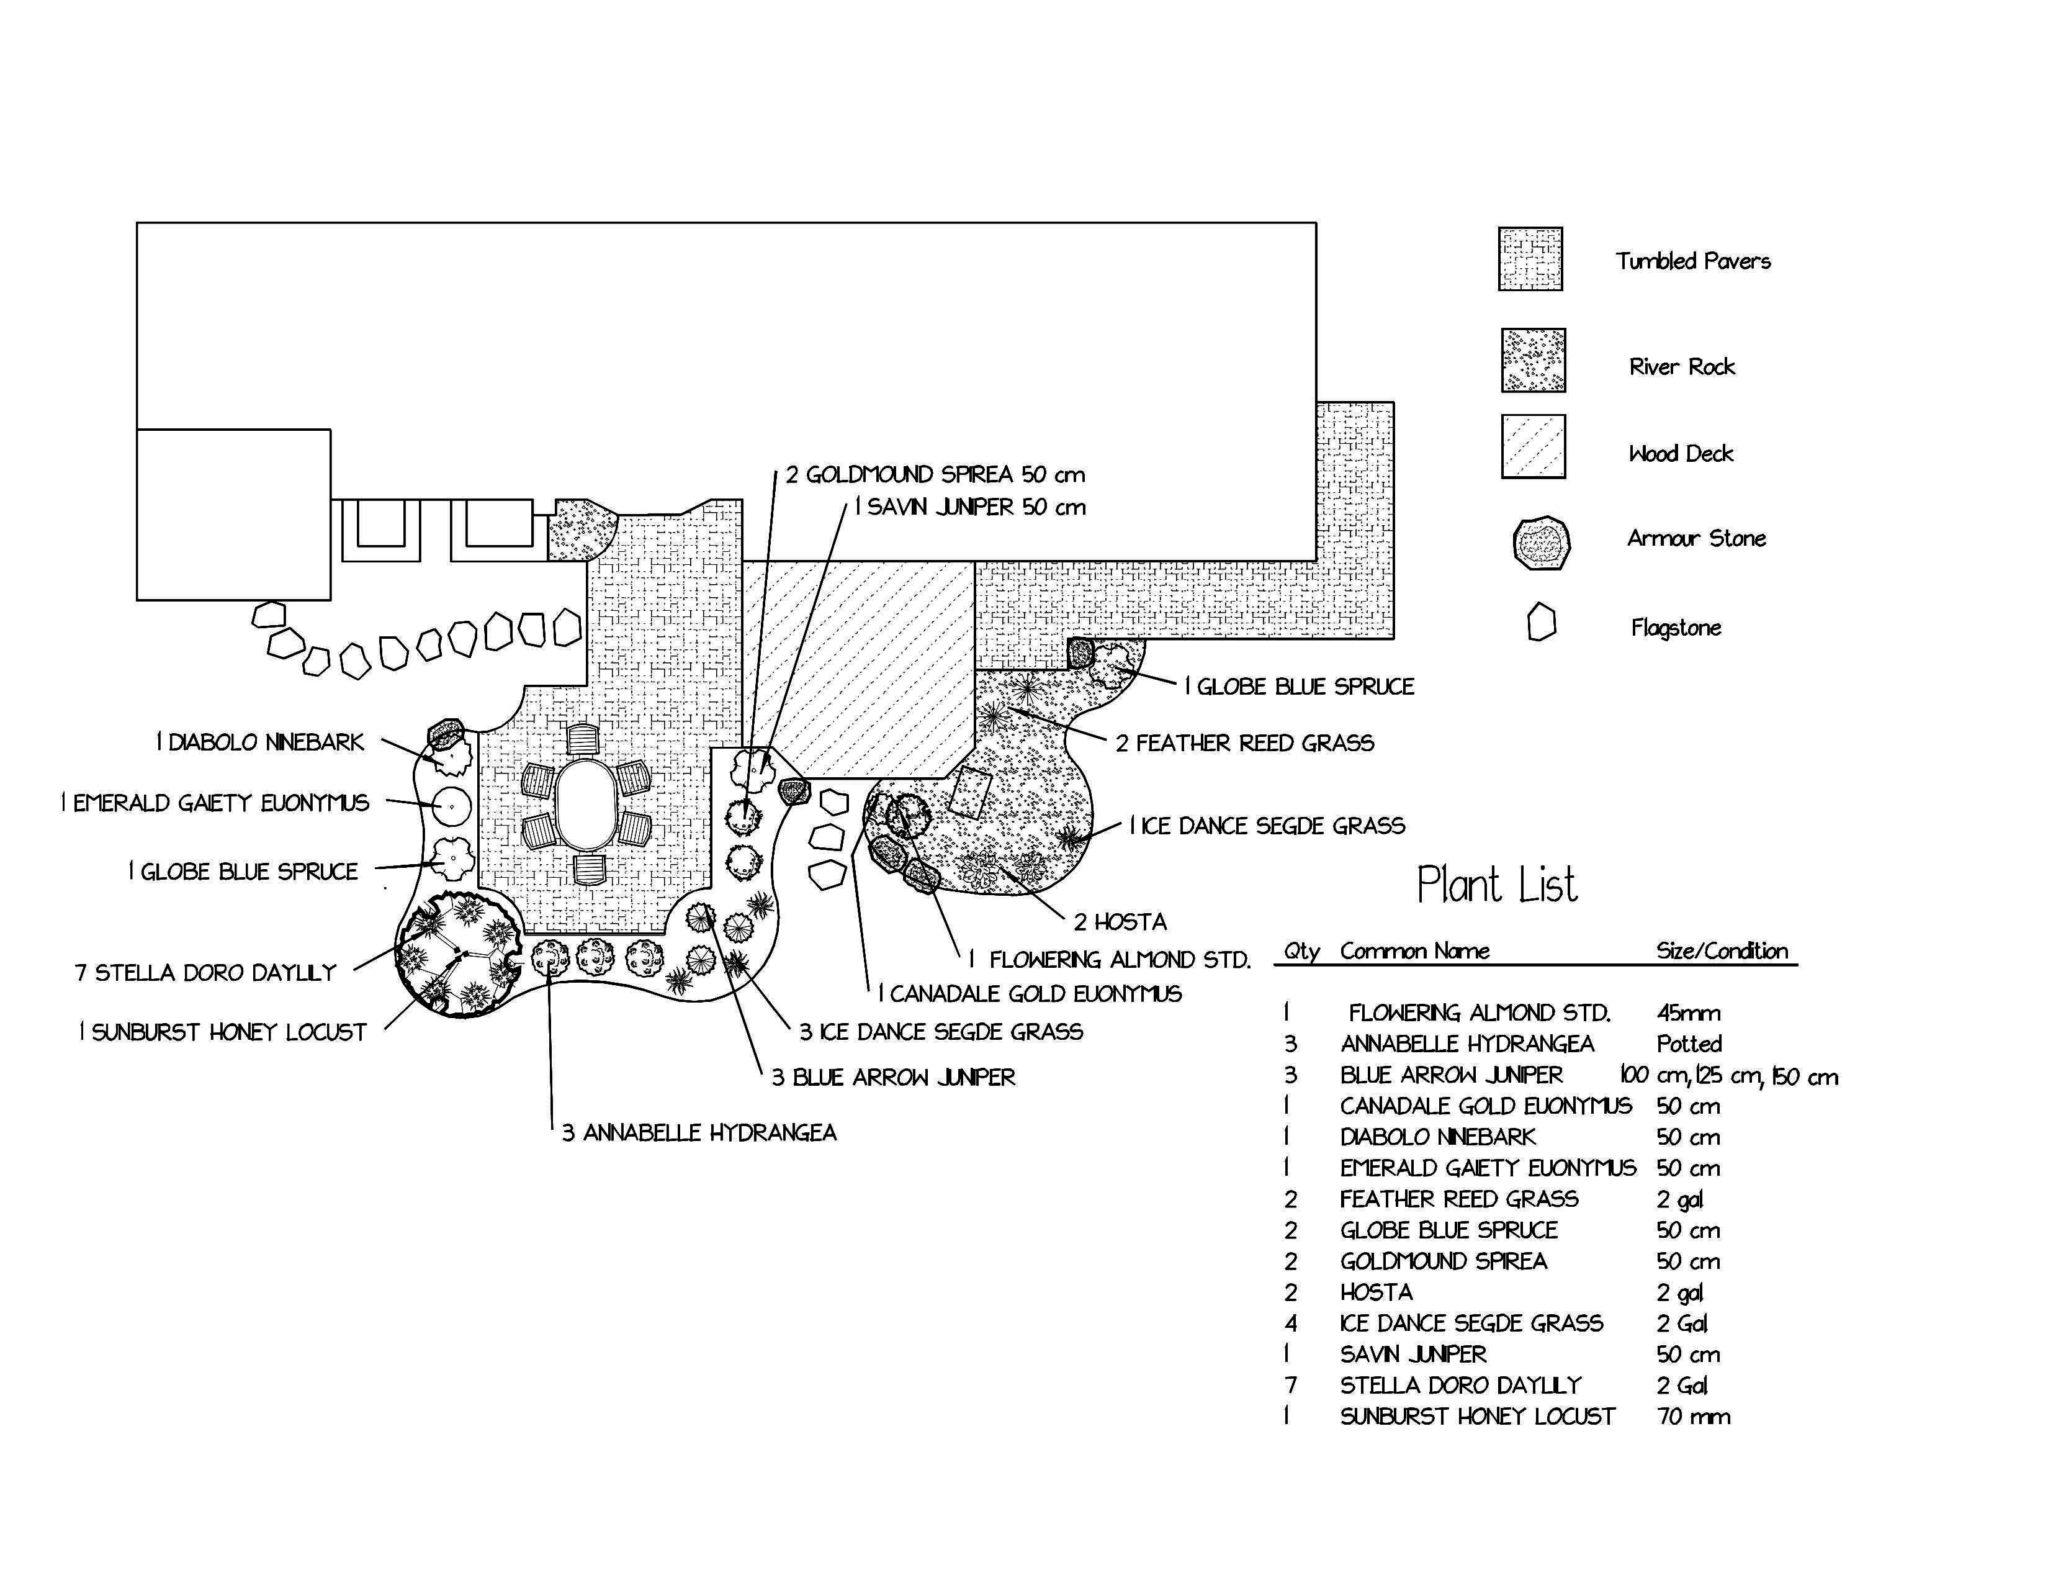 5-1 landscape design